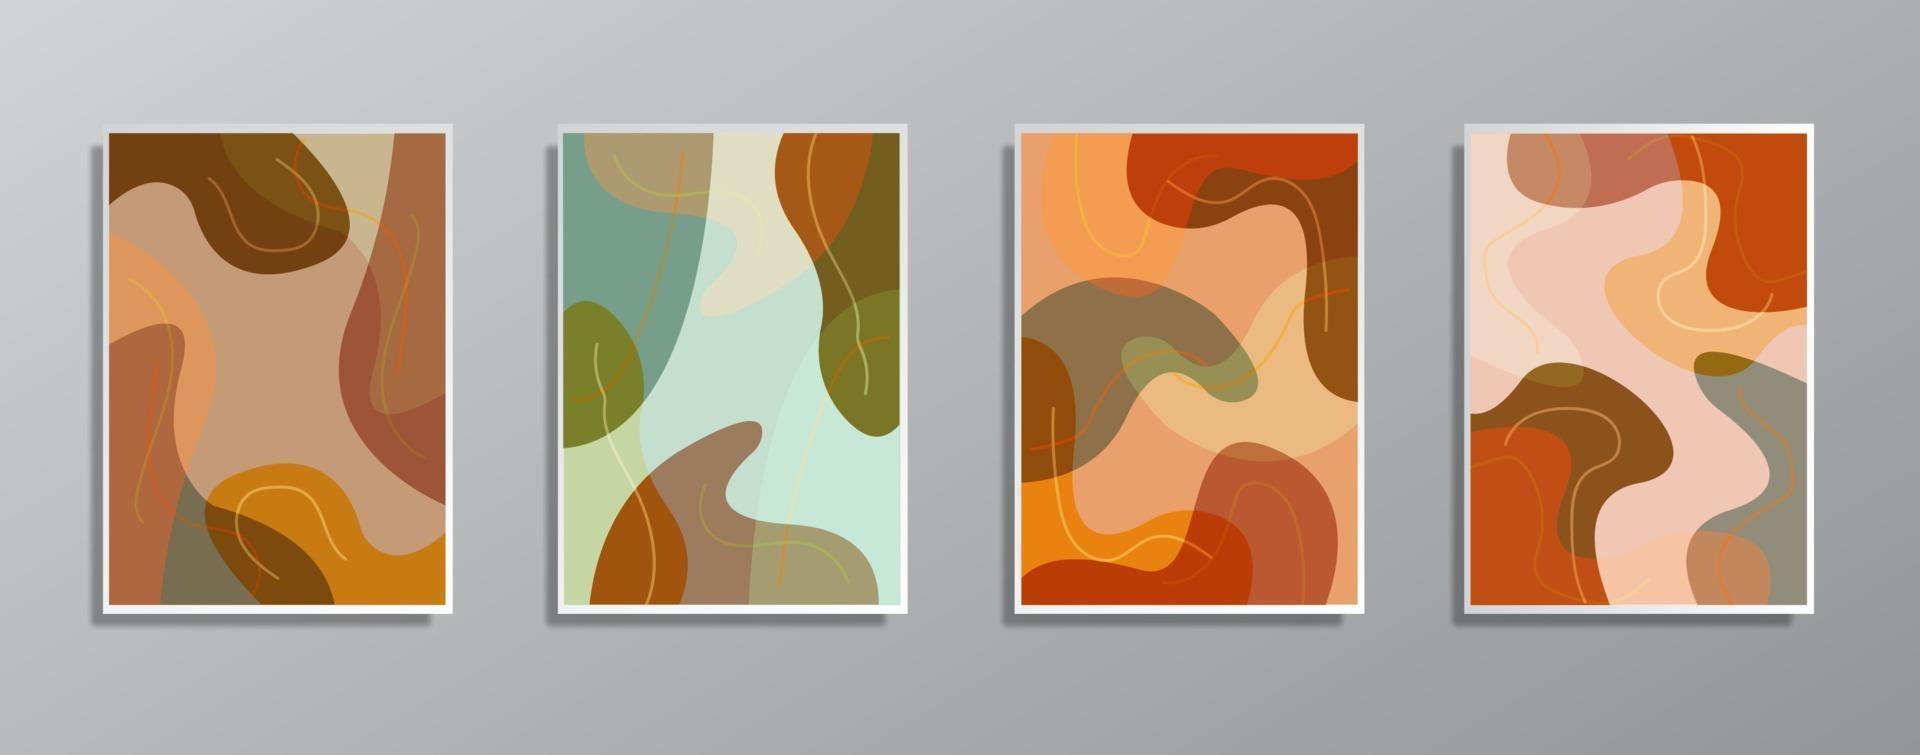 set van creatieve minimalistische hand getrokken vintage neutrale kleurenillustraties, voor muur. voor cadeaubon, poster op muurpostersjabloon, bestemmingspagina, ui, ux, coverbook, baner, vector